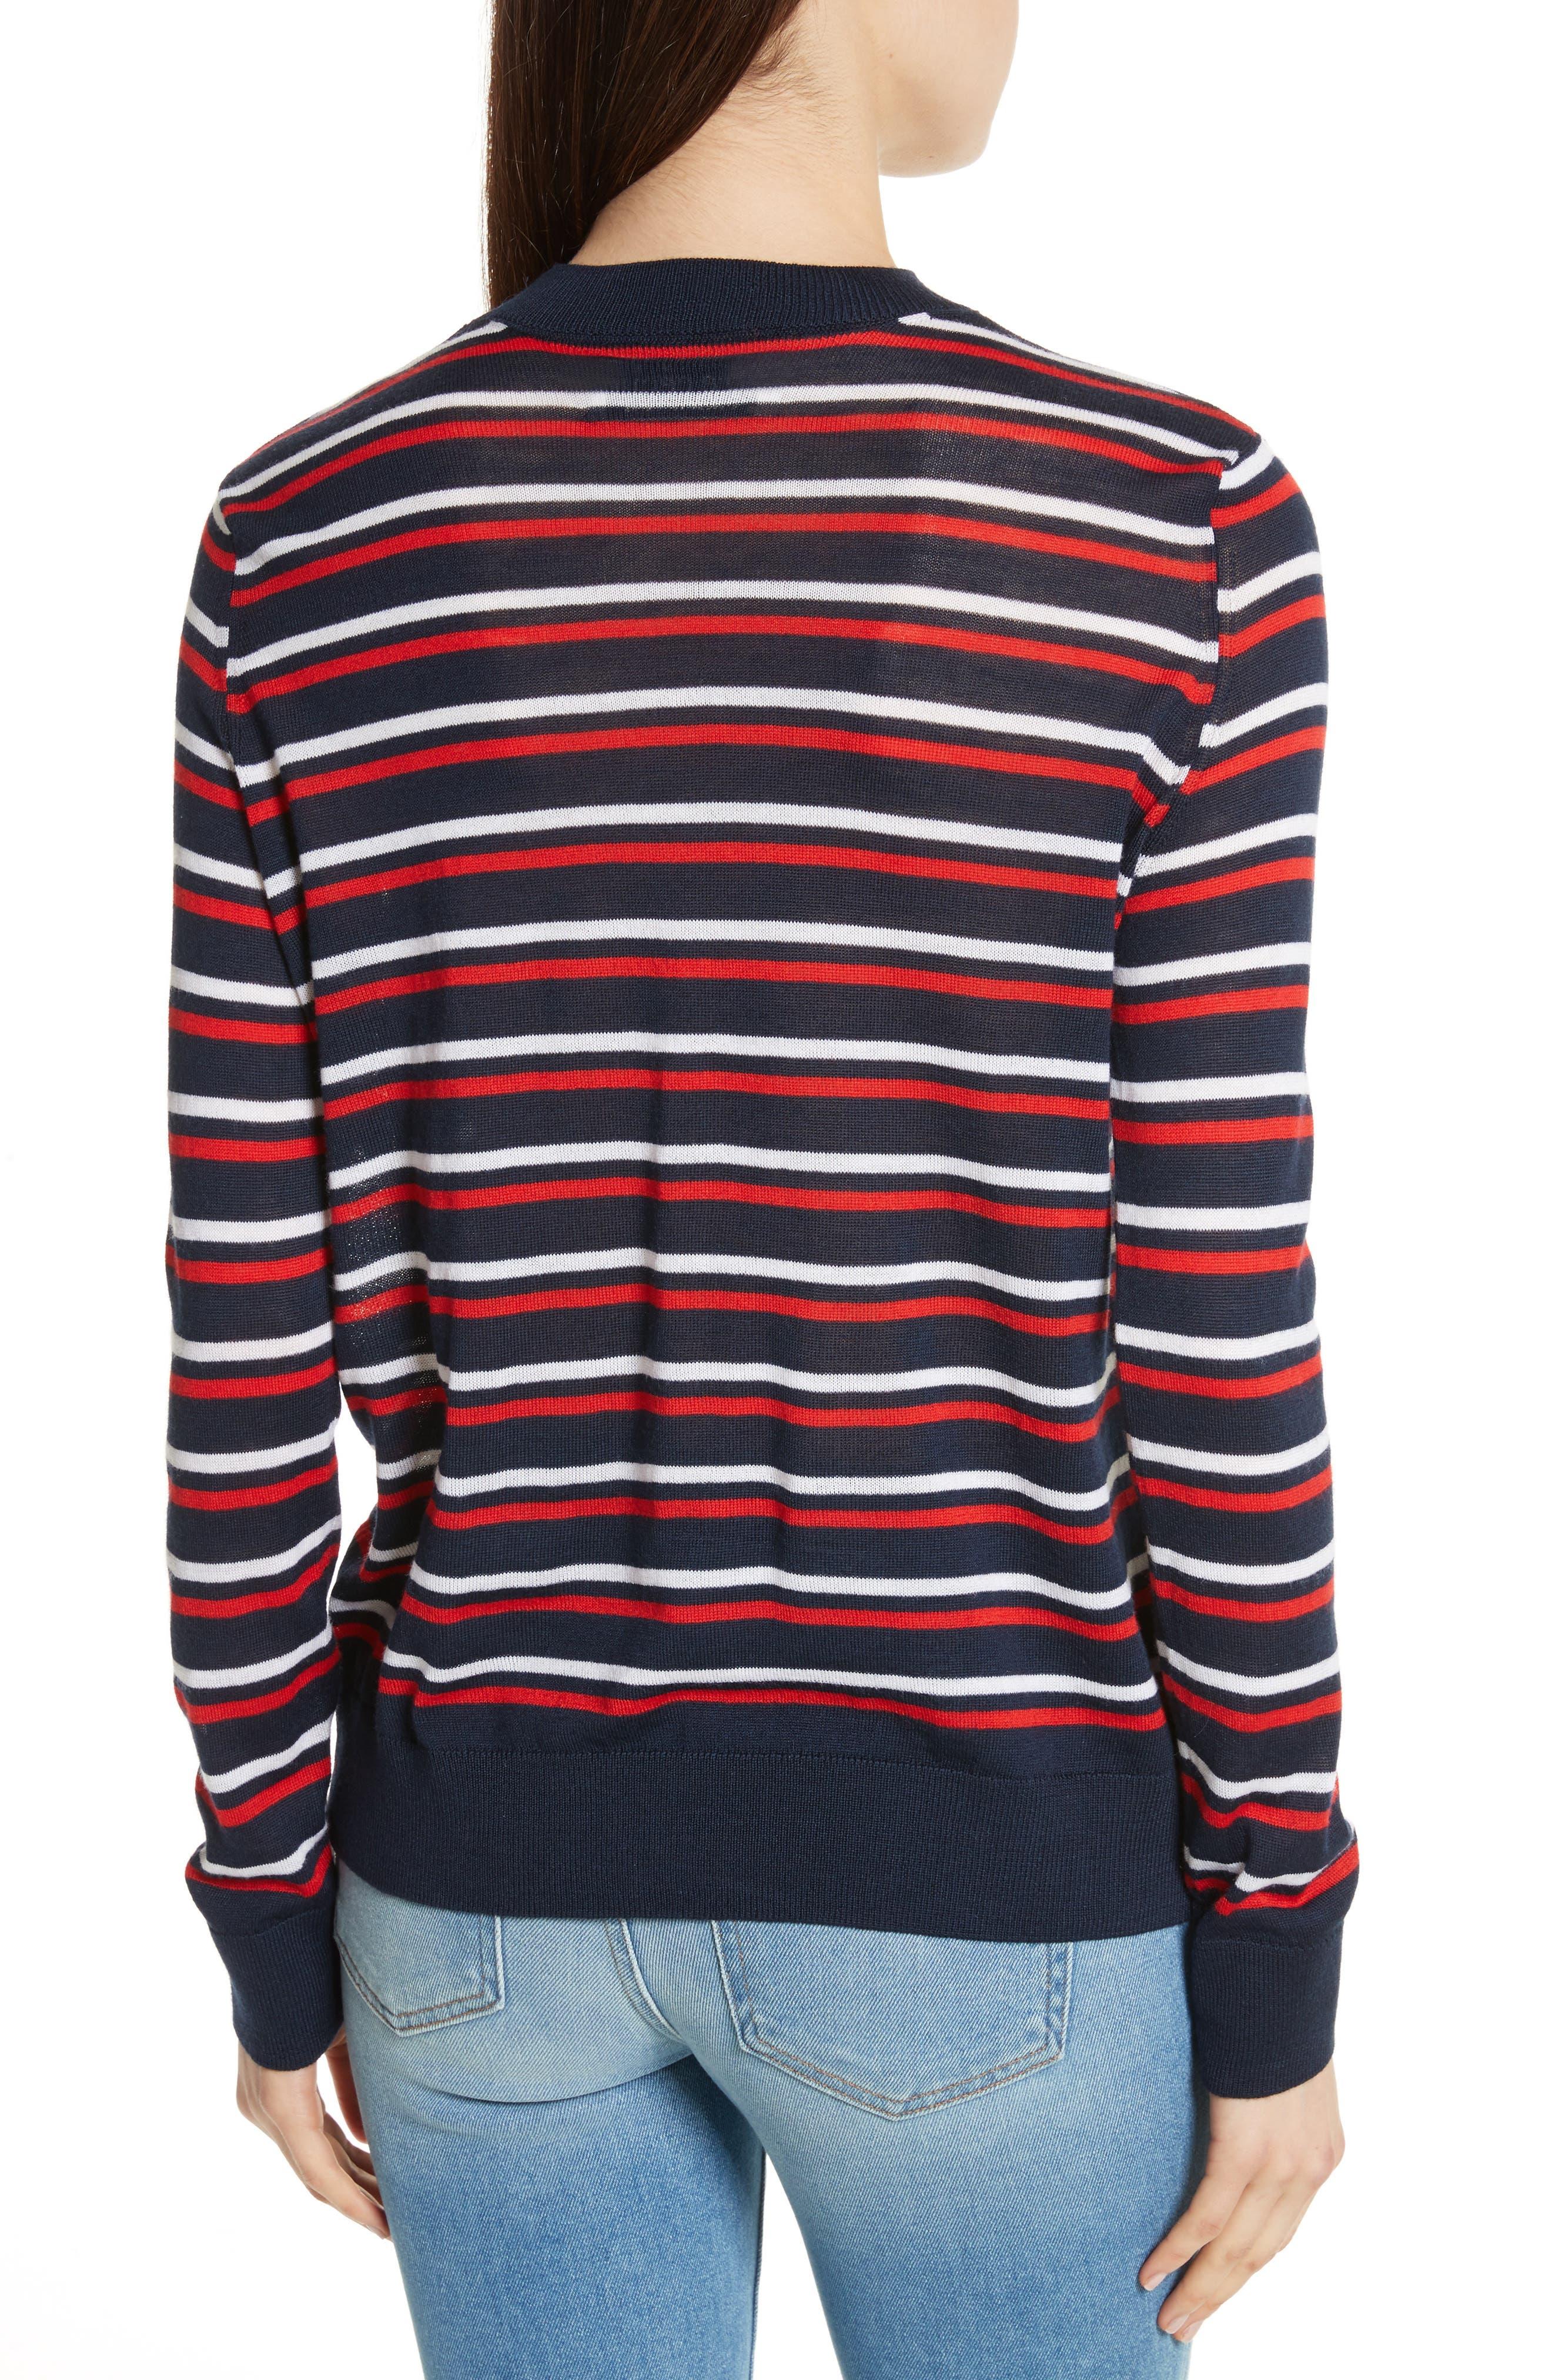 être cécile Stripe Knit Boyfriend Sweater,                             Alternate thumbnail 2, color,                             Marine Blue/ Red/ White